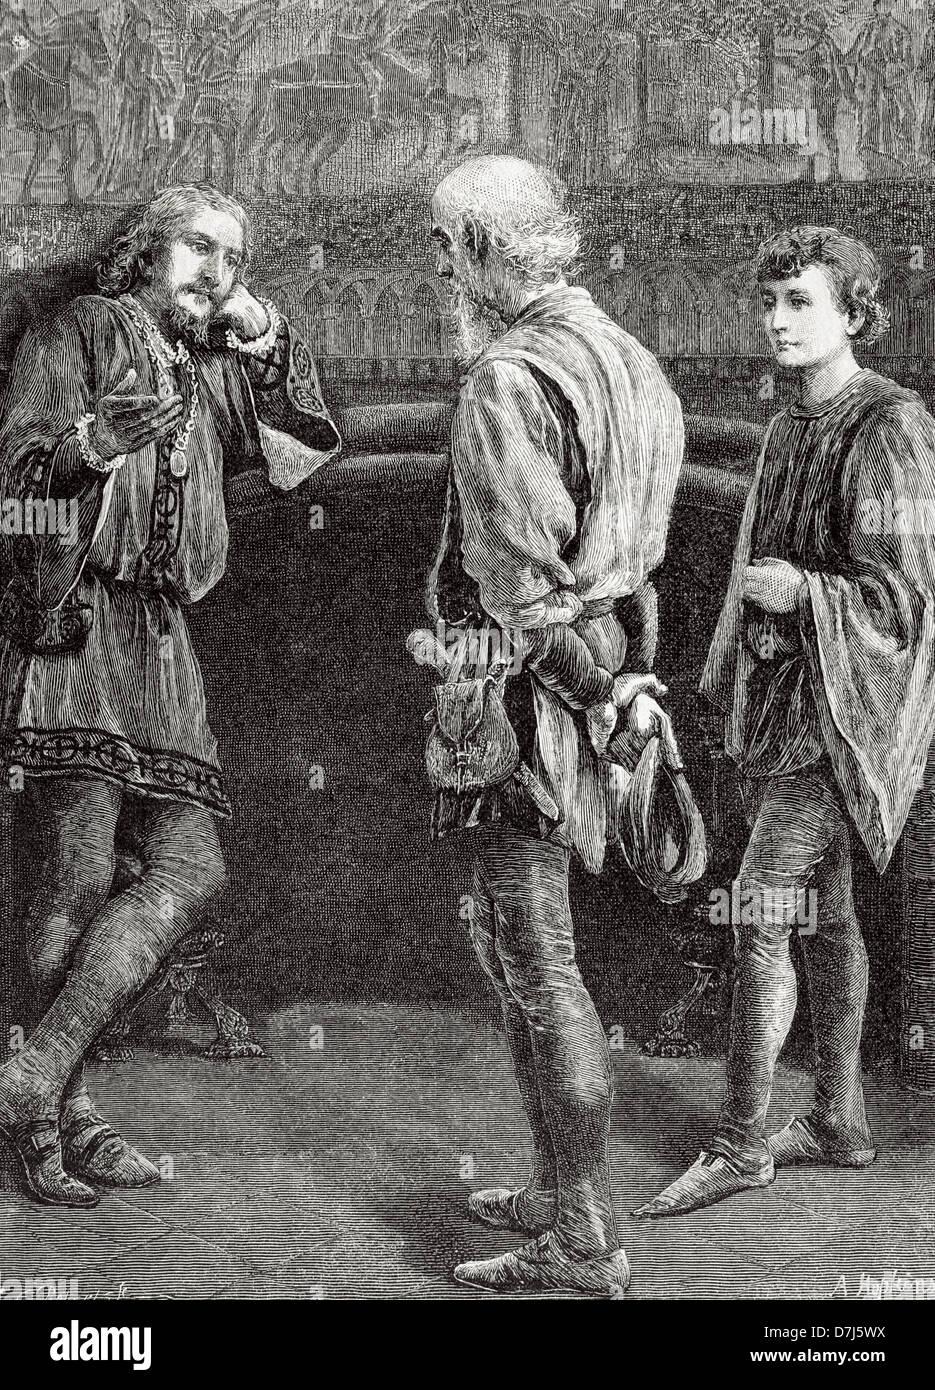 William Shakespeare (1564-1616). Scrittore inglese. Borgo e comici. Atto II, scena II. Incisione. Foto Stock